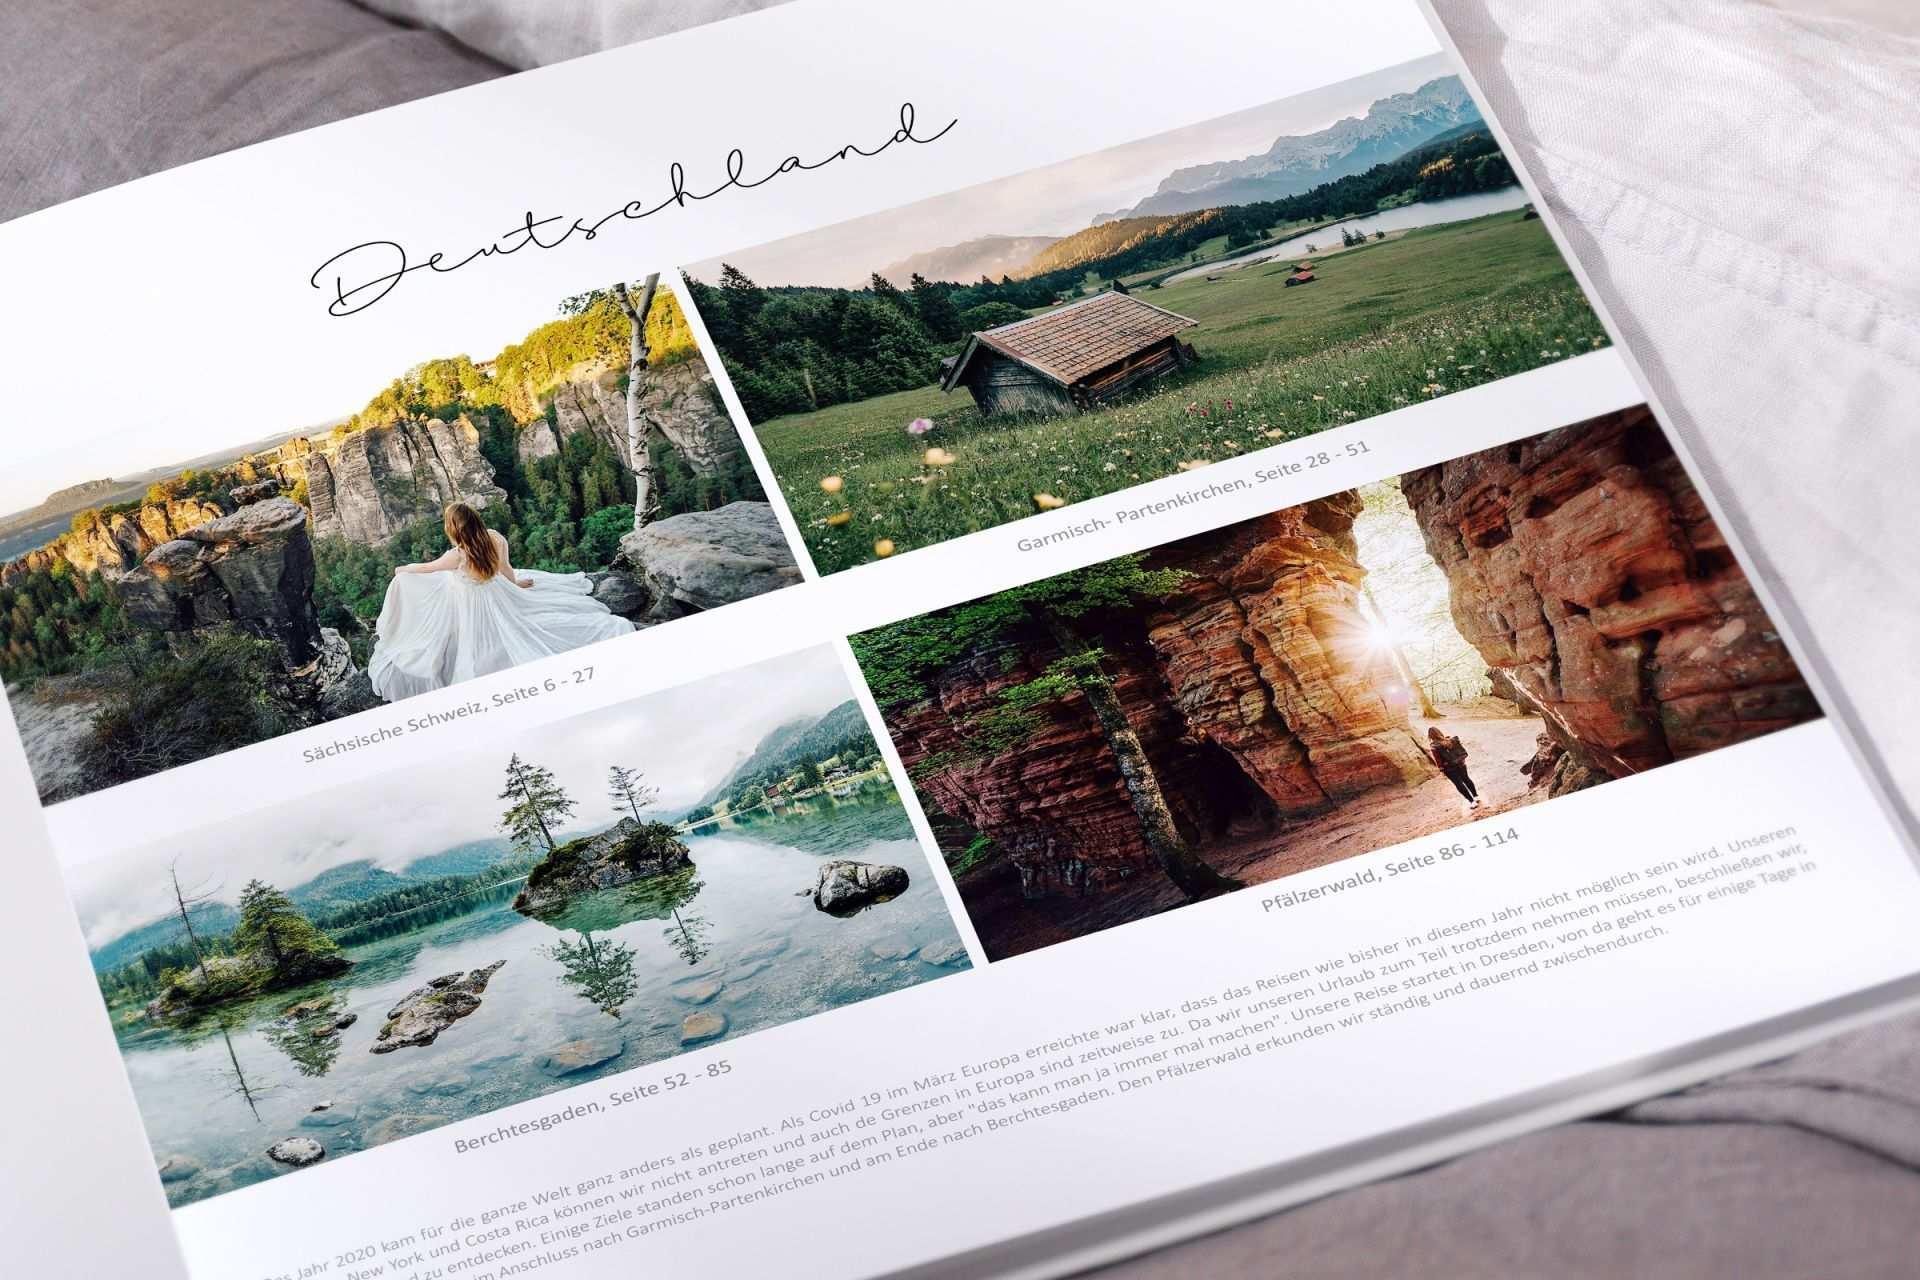 Cewe Fotobuch Deutschlandreise Annika Mathias In 2020 Reisen Deutschland Reisen Fotos